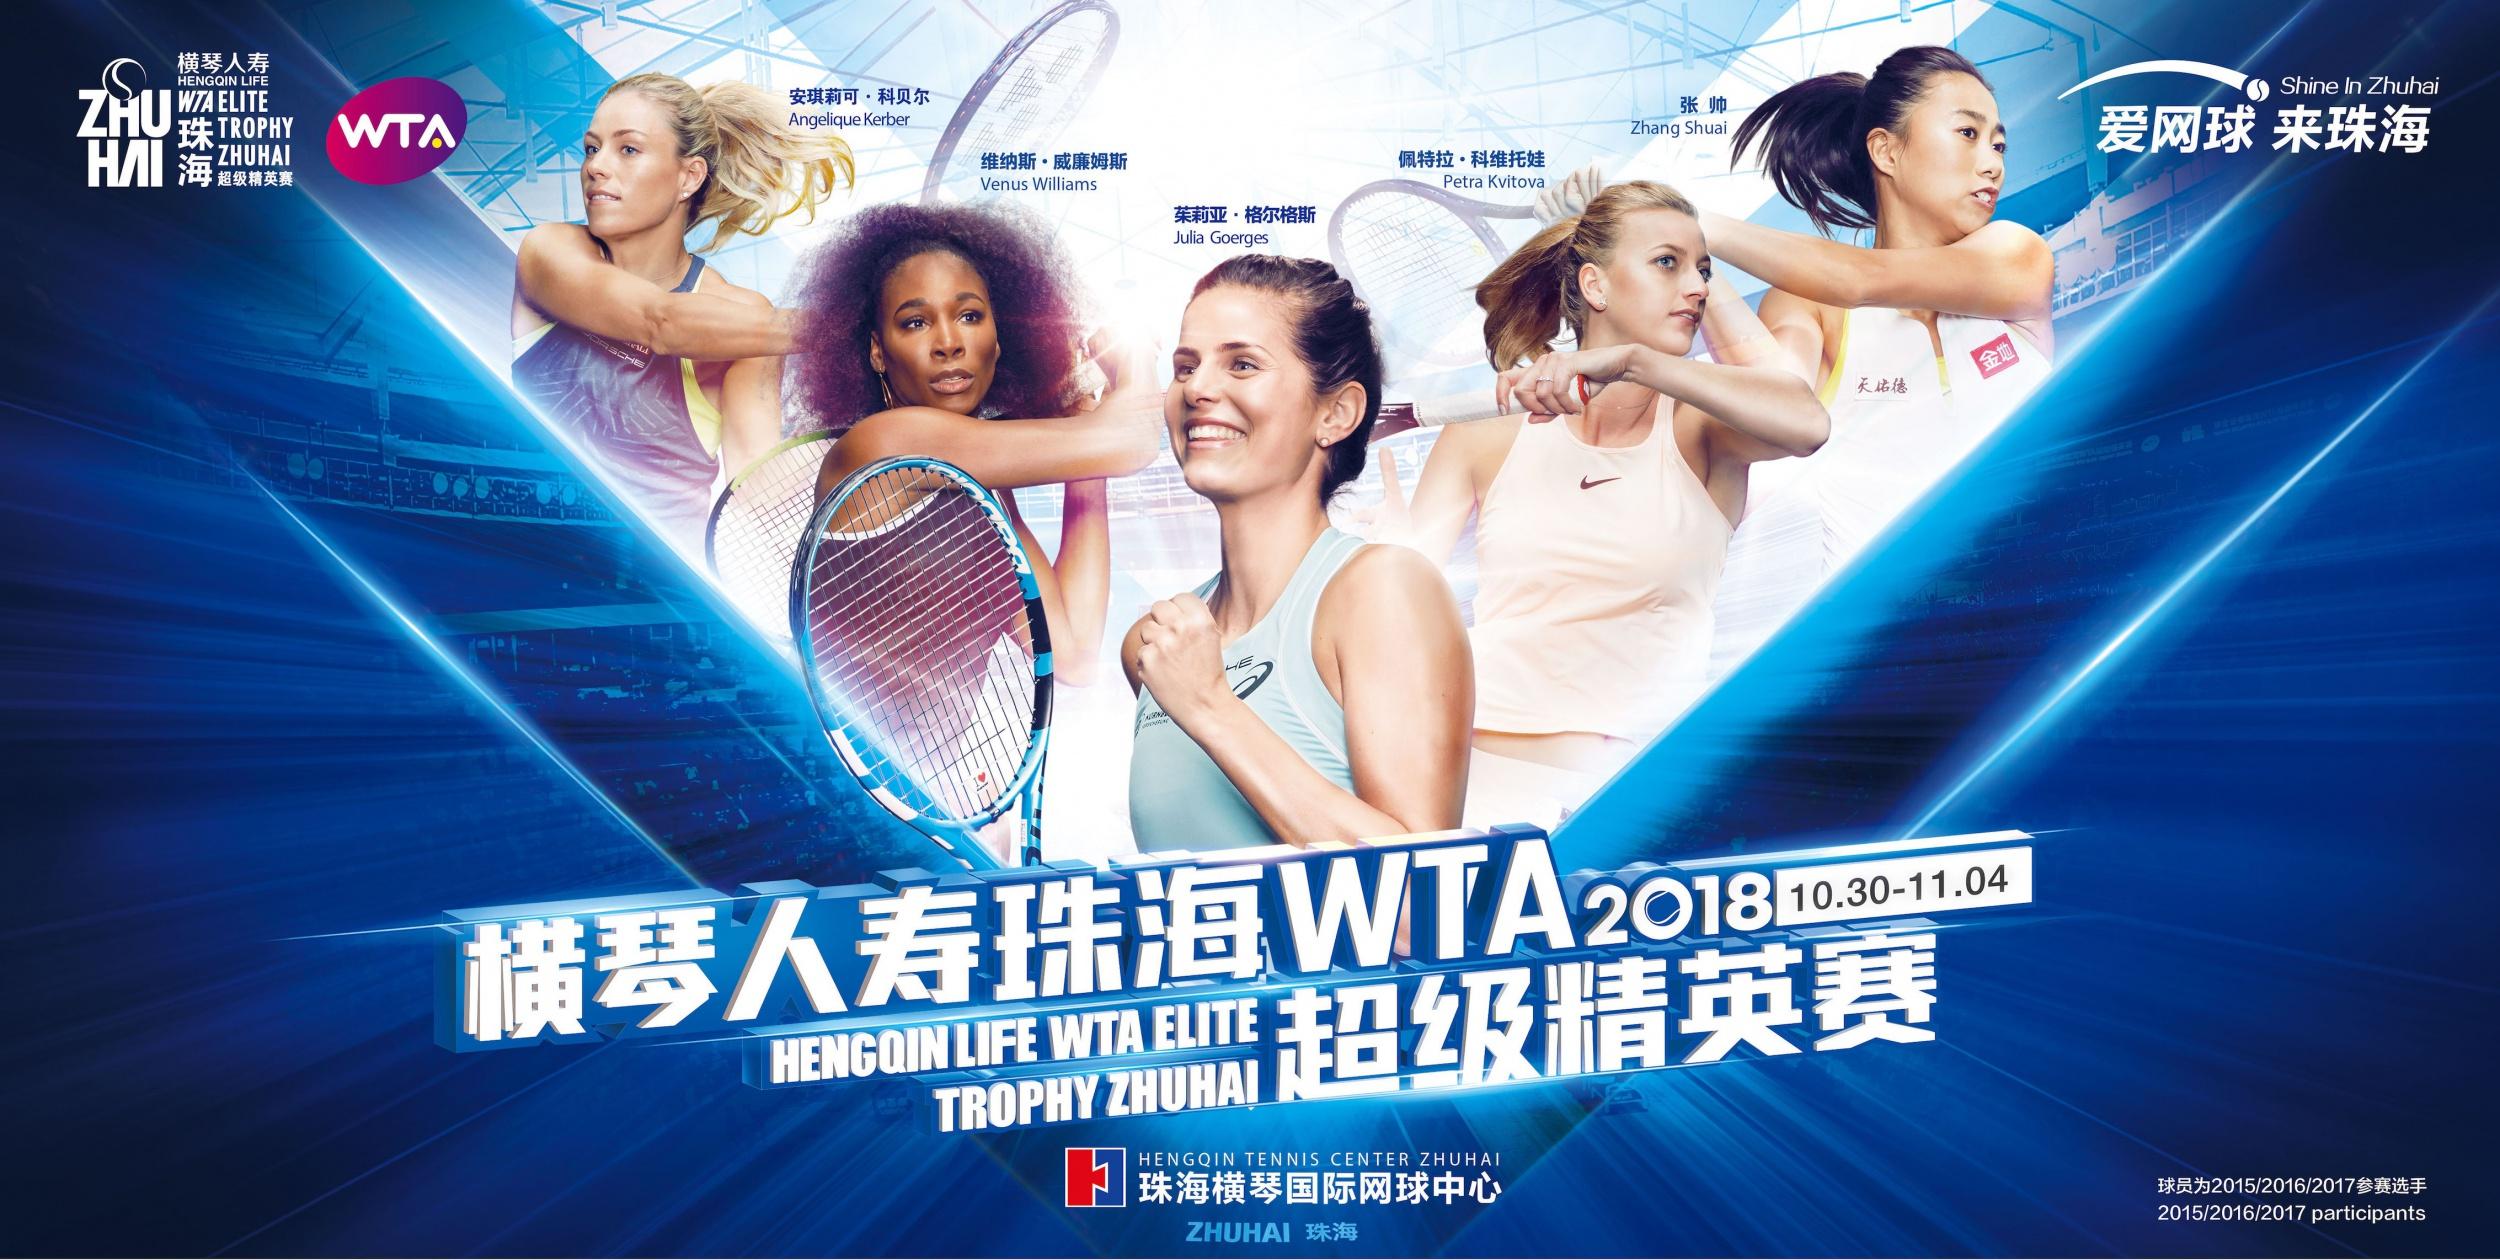 """Barnfind助力""""横琴人寿珠海WTA..."""